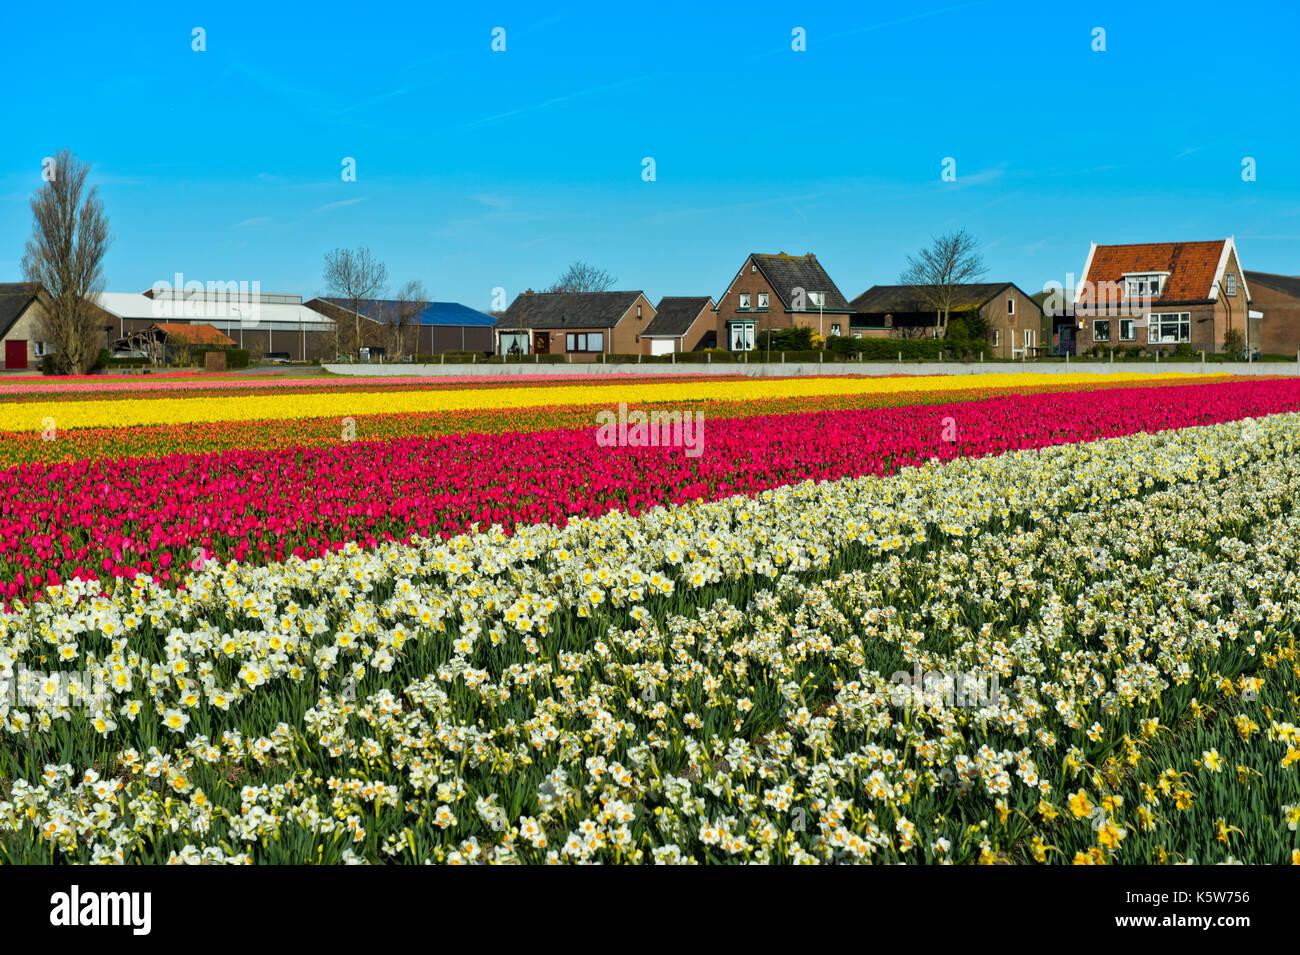 Anbau von Narzissen und Tulpen, Blume Glühlampe region Bollenstreek, Noordwijkerhout, Niederlande Stockbild